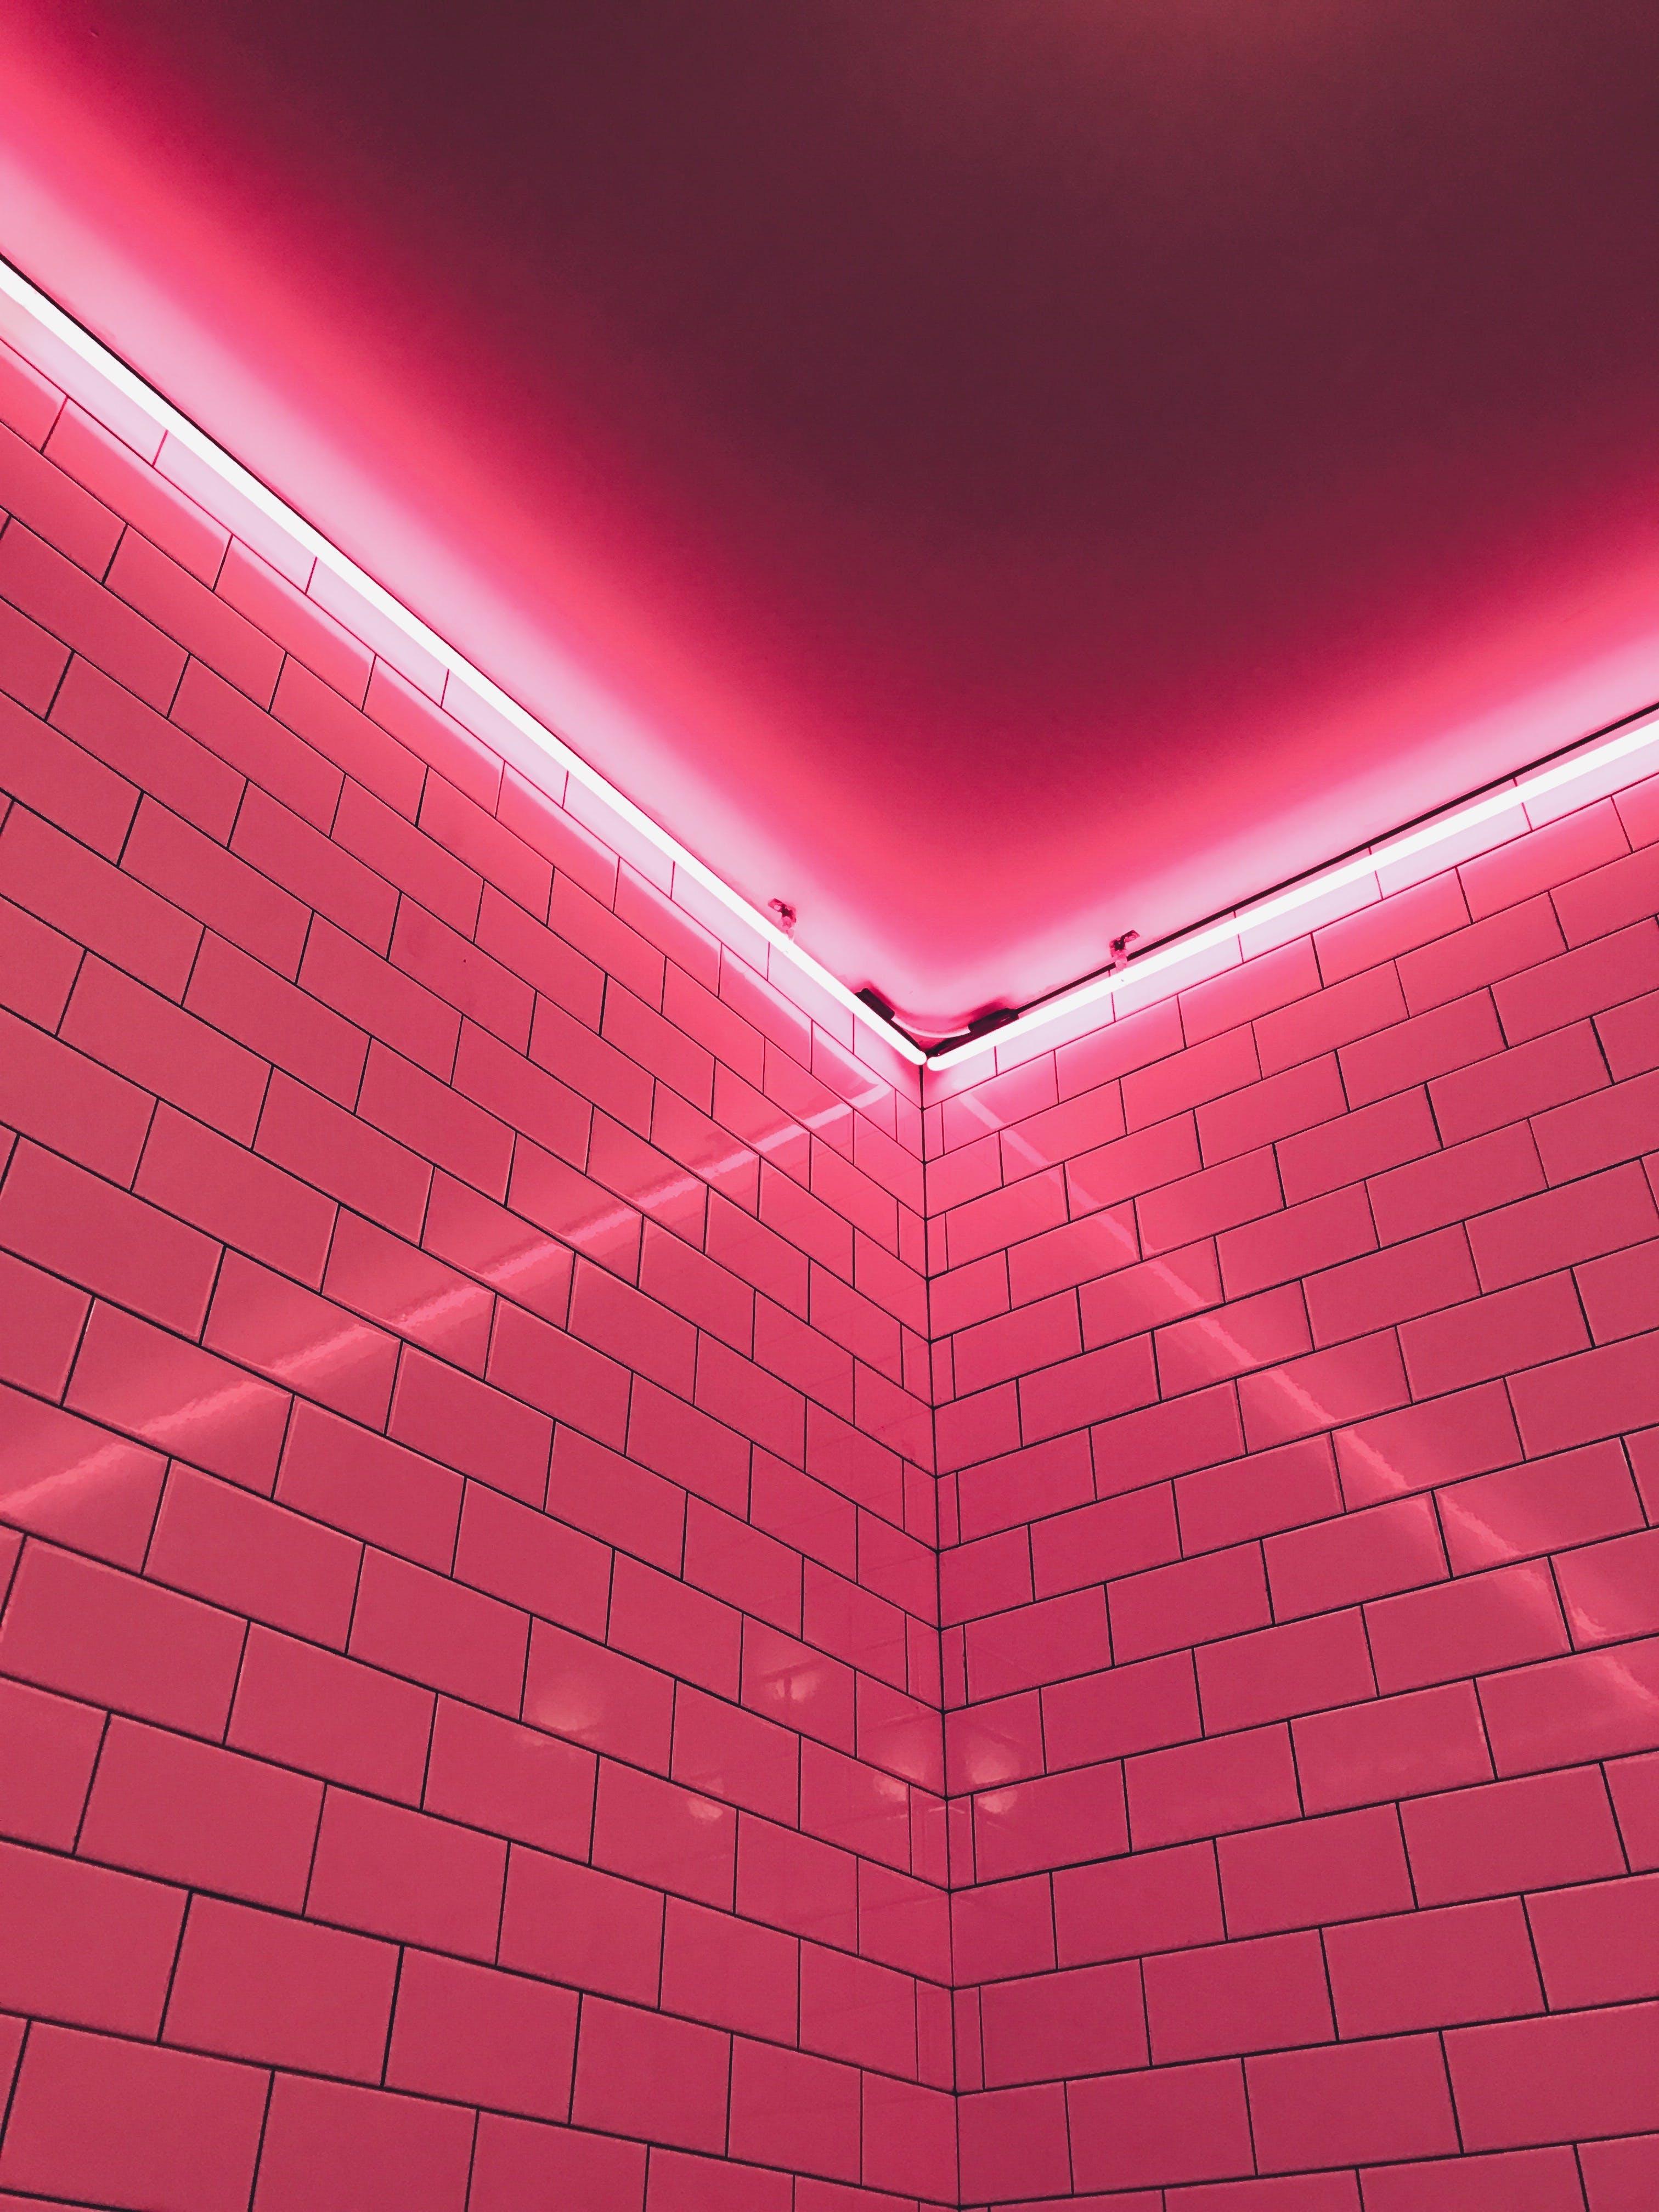 Pink Light Fixture